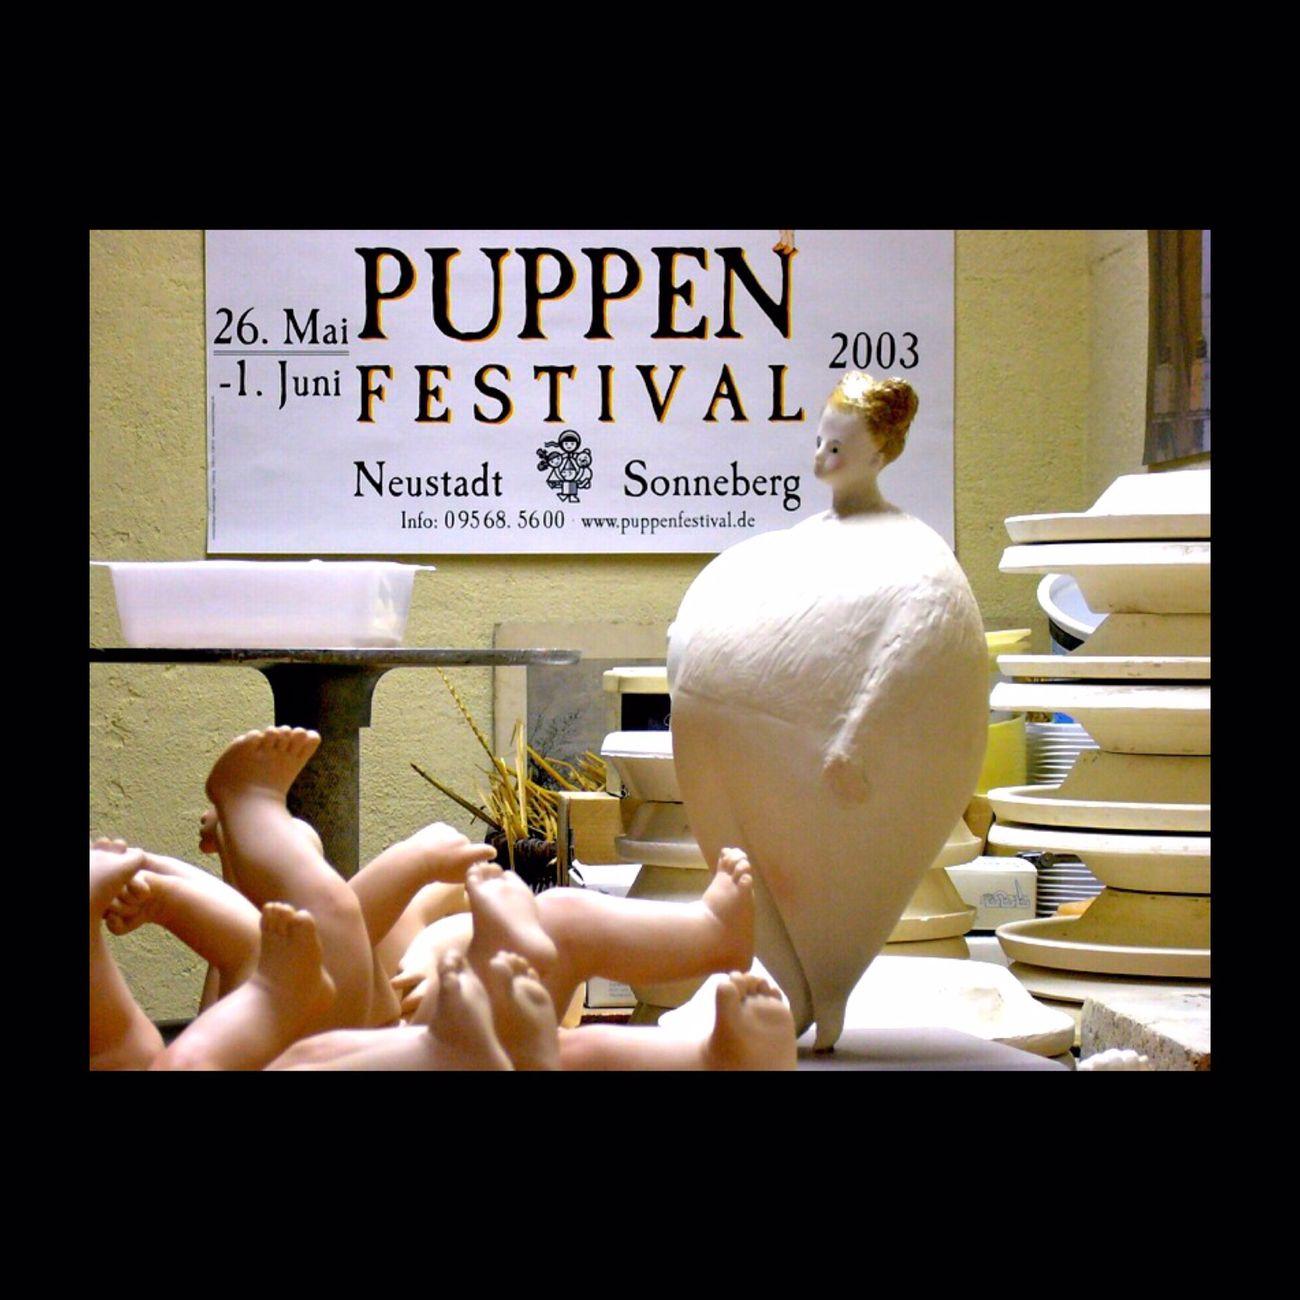 Dans l'atelier de mon ami Pierre... Pierre Durdilly Sculpture Poupée Puppen